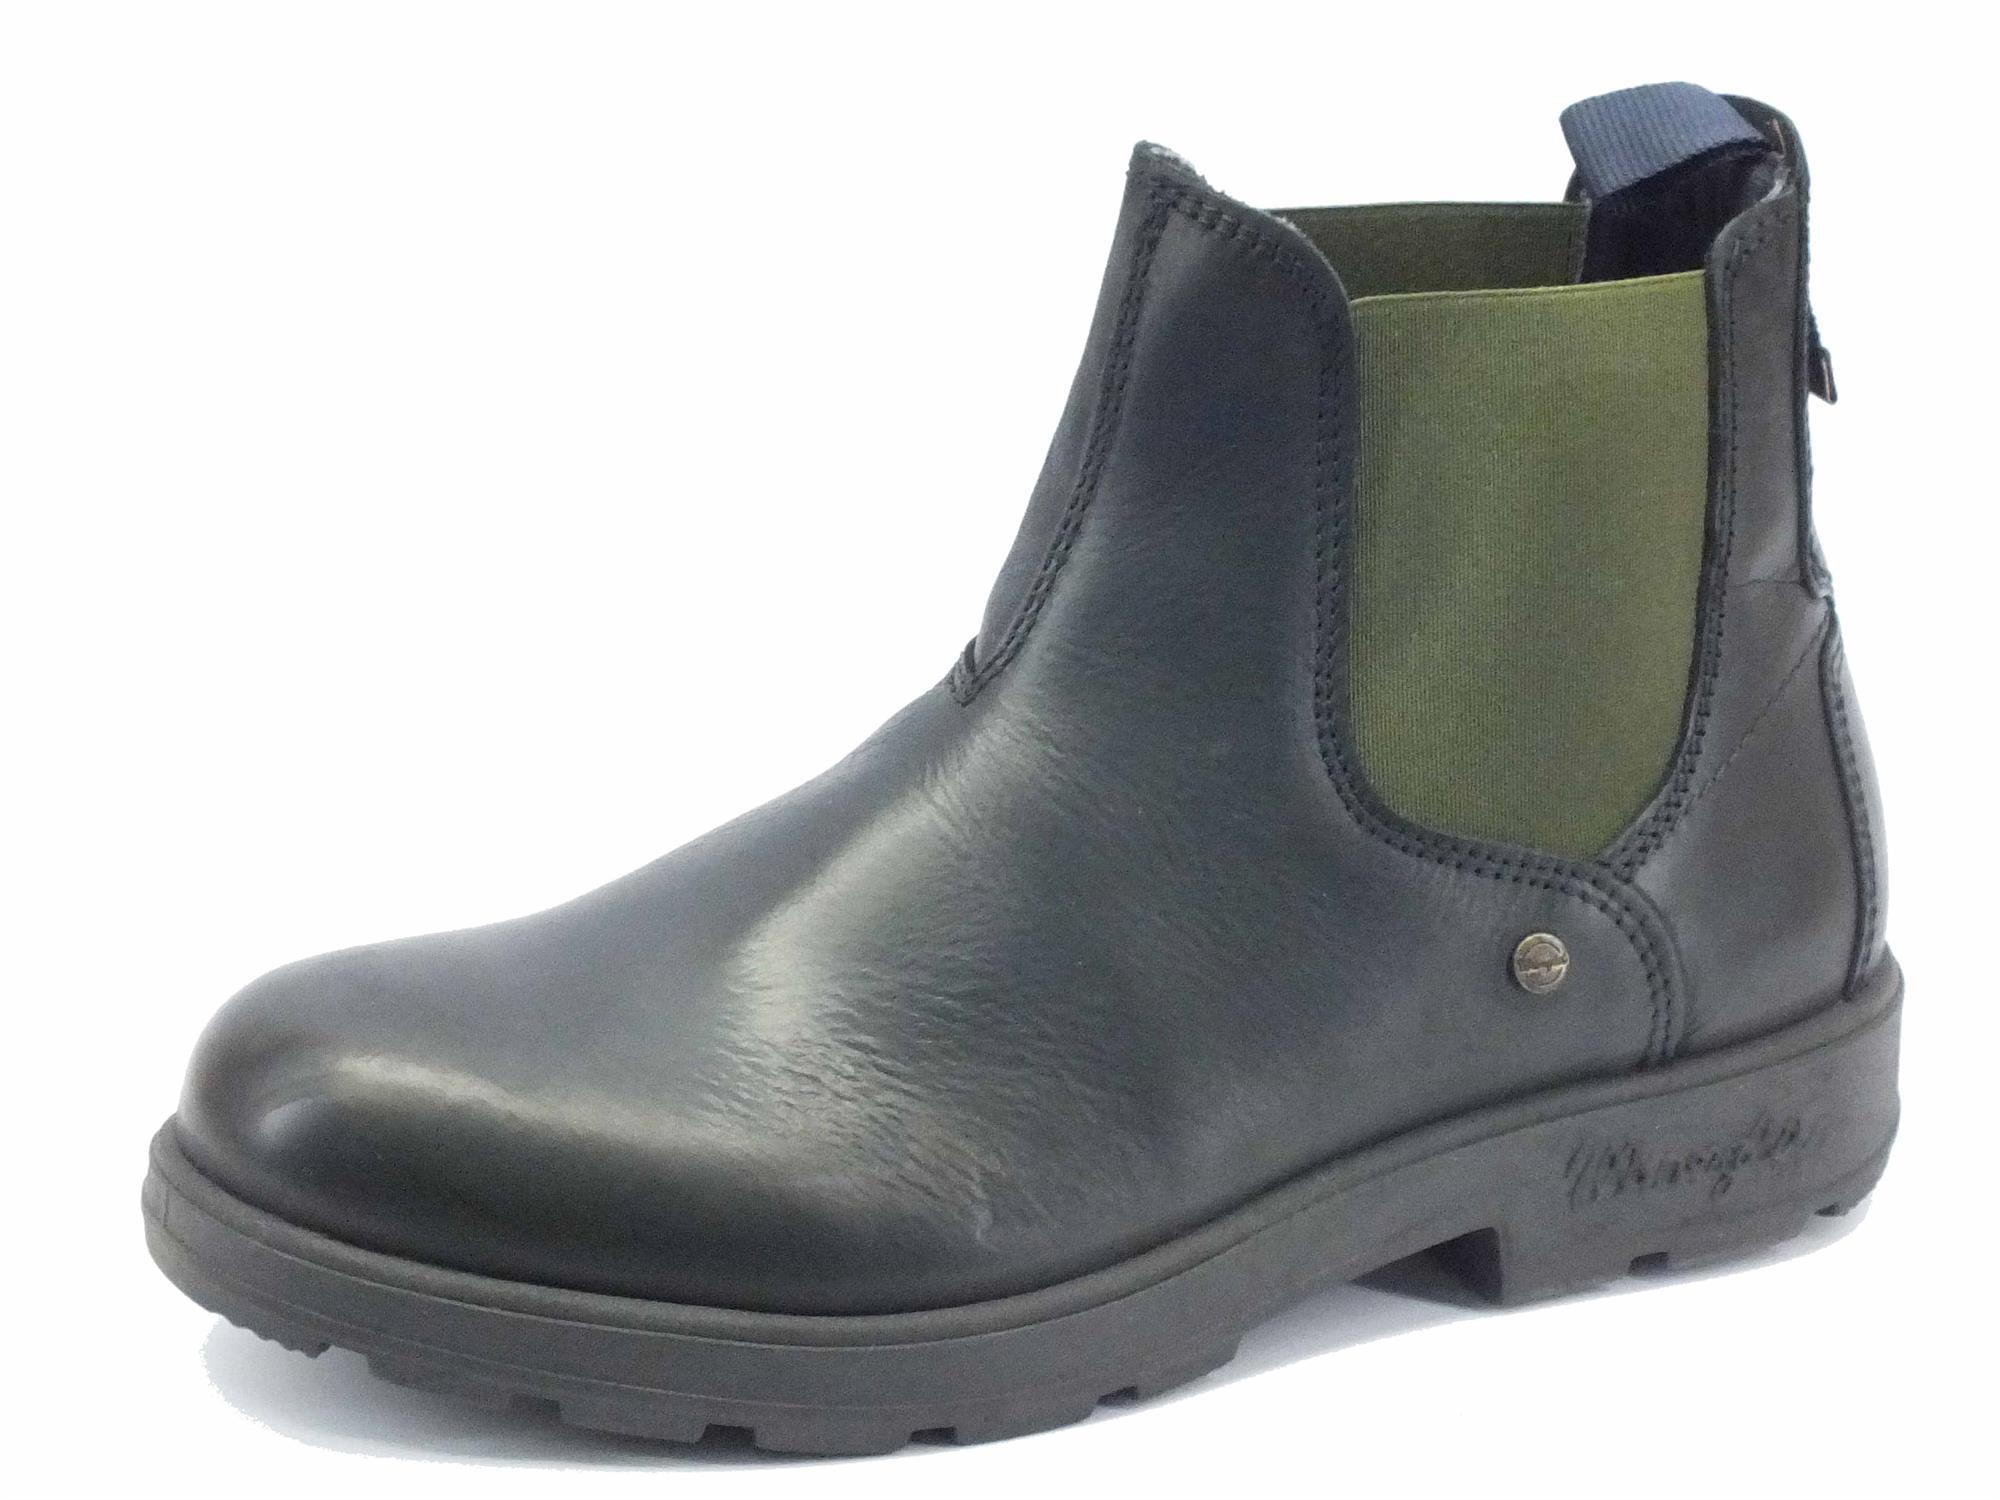 scarpe sportive 5a11d 466a0 Stivaletto per uomo Wrangler Buddy in pelle nera con elastici verdi